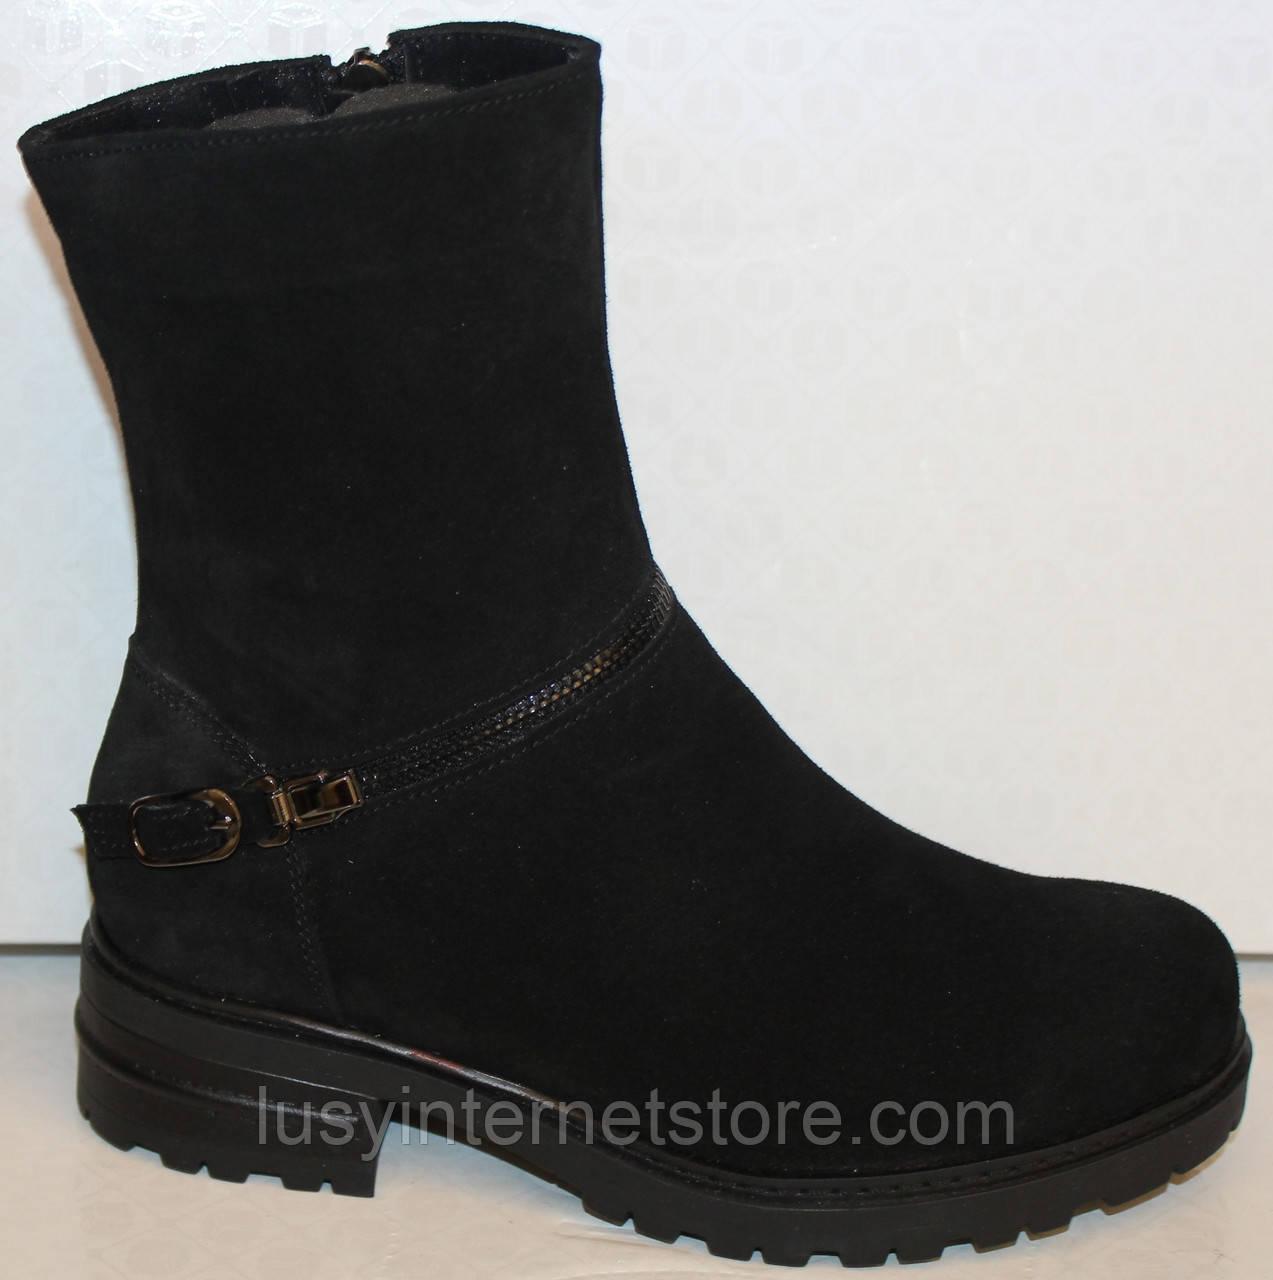 Ботинки черные женские зимние замшевые от производителя модель БМ314-1